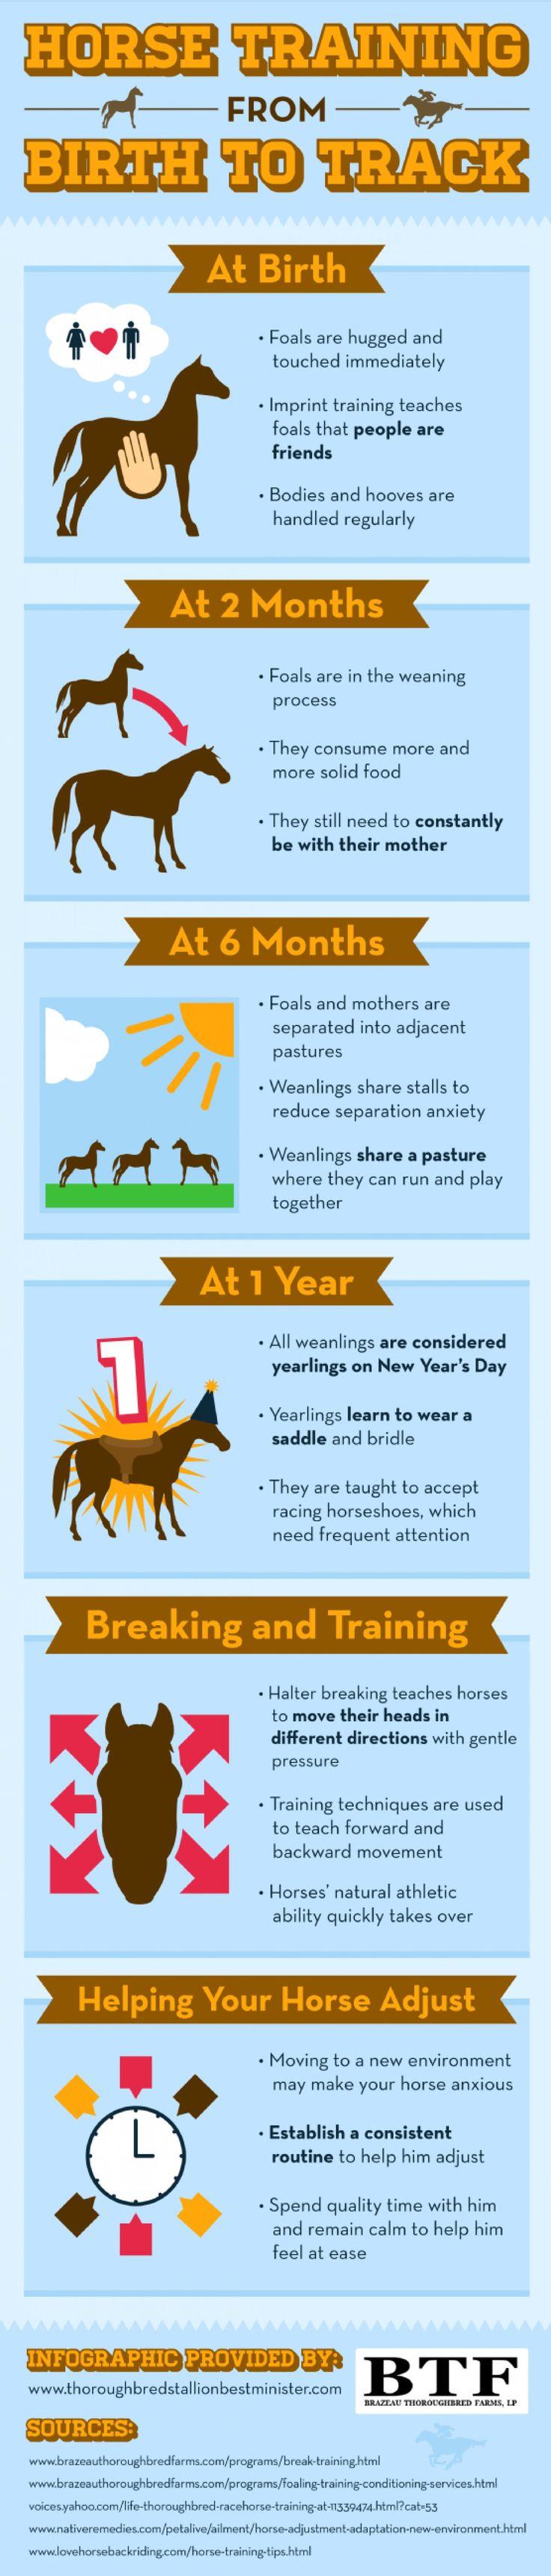 Basics on training for thoroughbreds